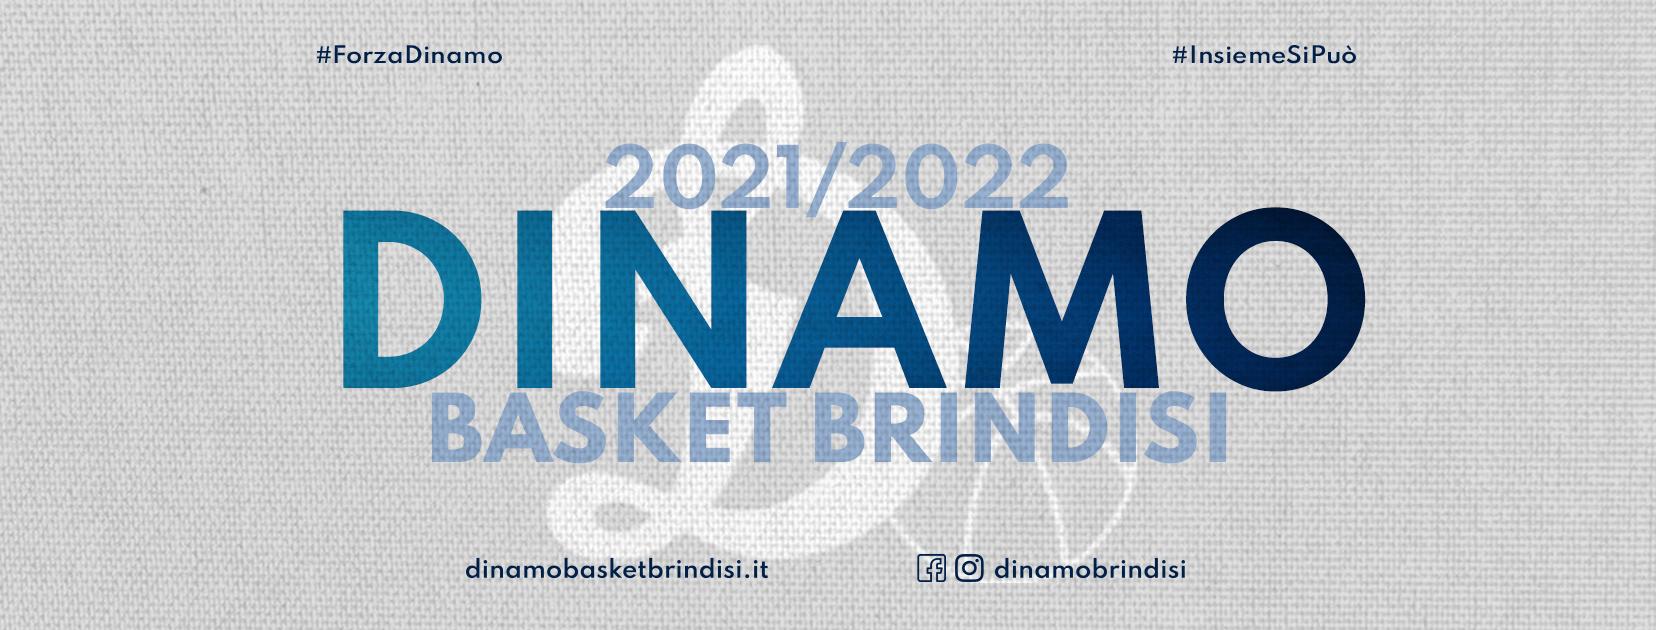 Dinamo Basket Brindisi